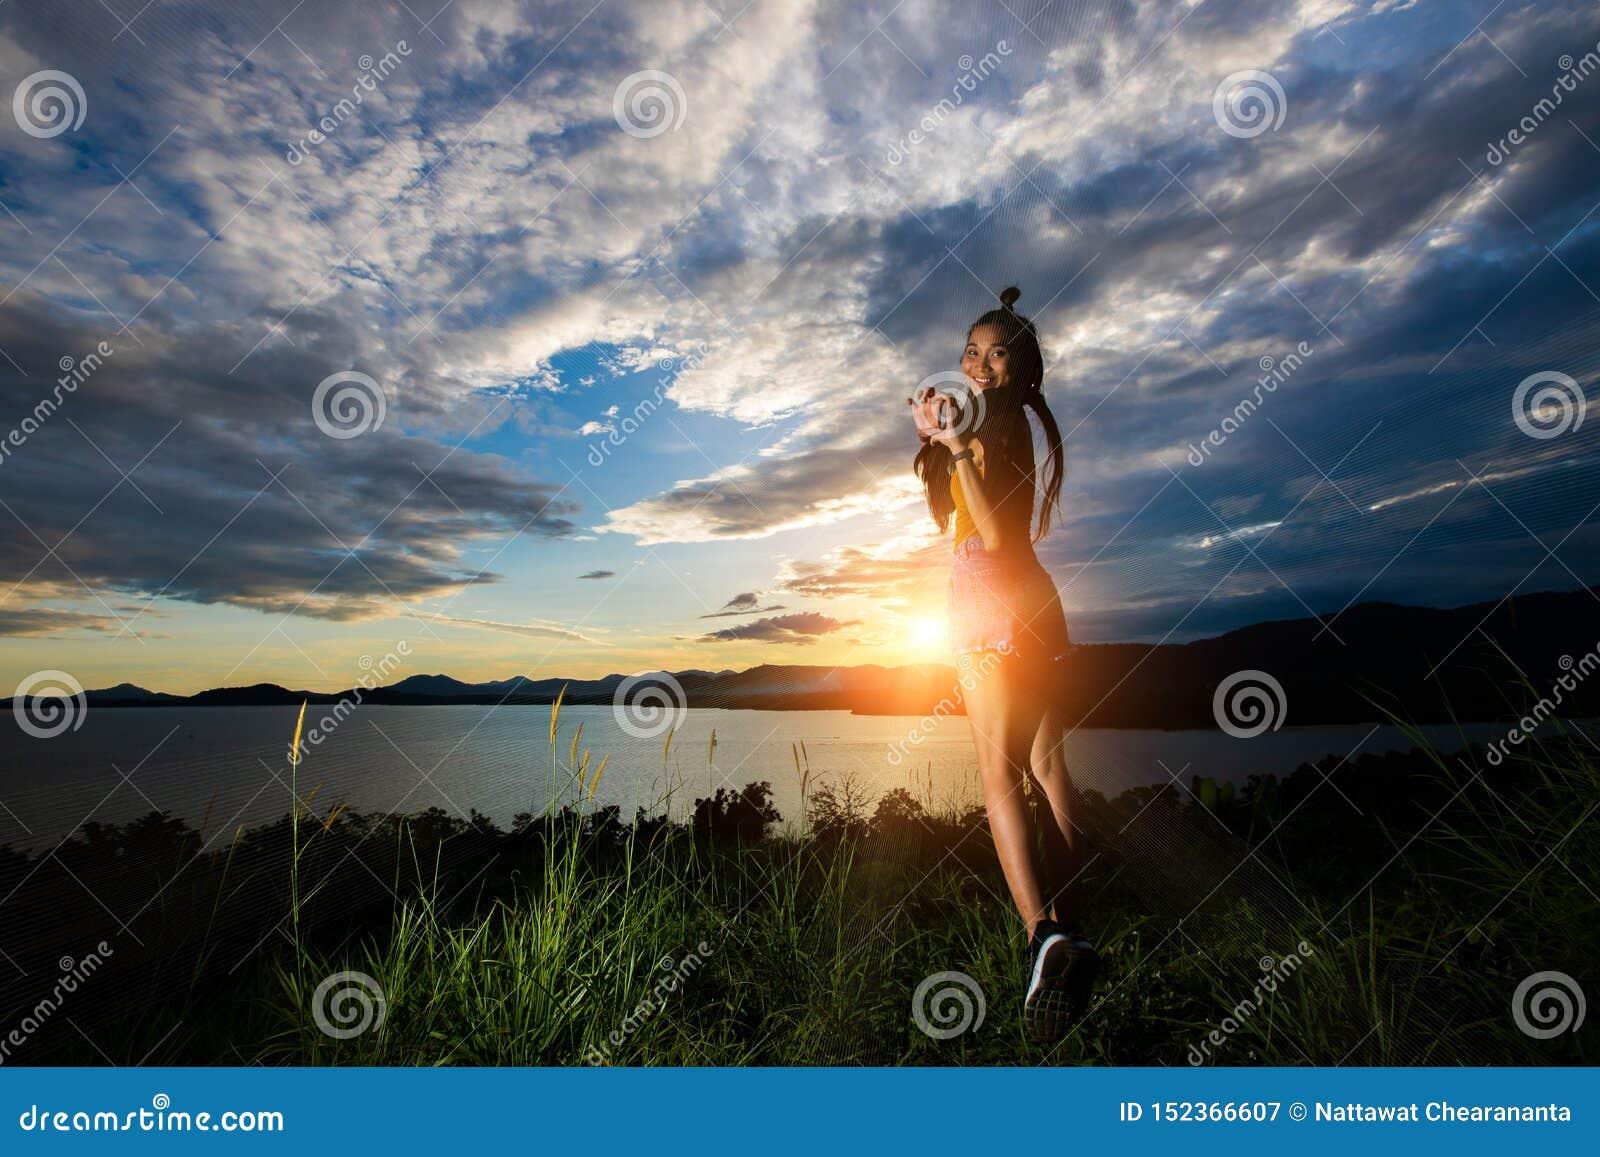 Haz de la nube de la puesta del sol al woma asiático adulto joven